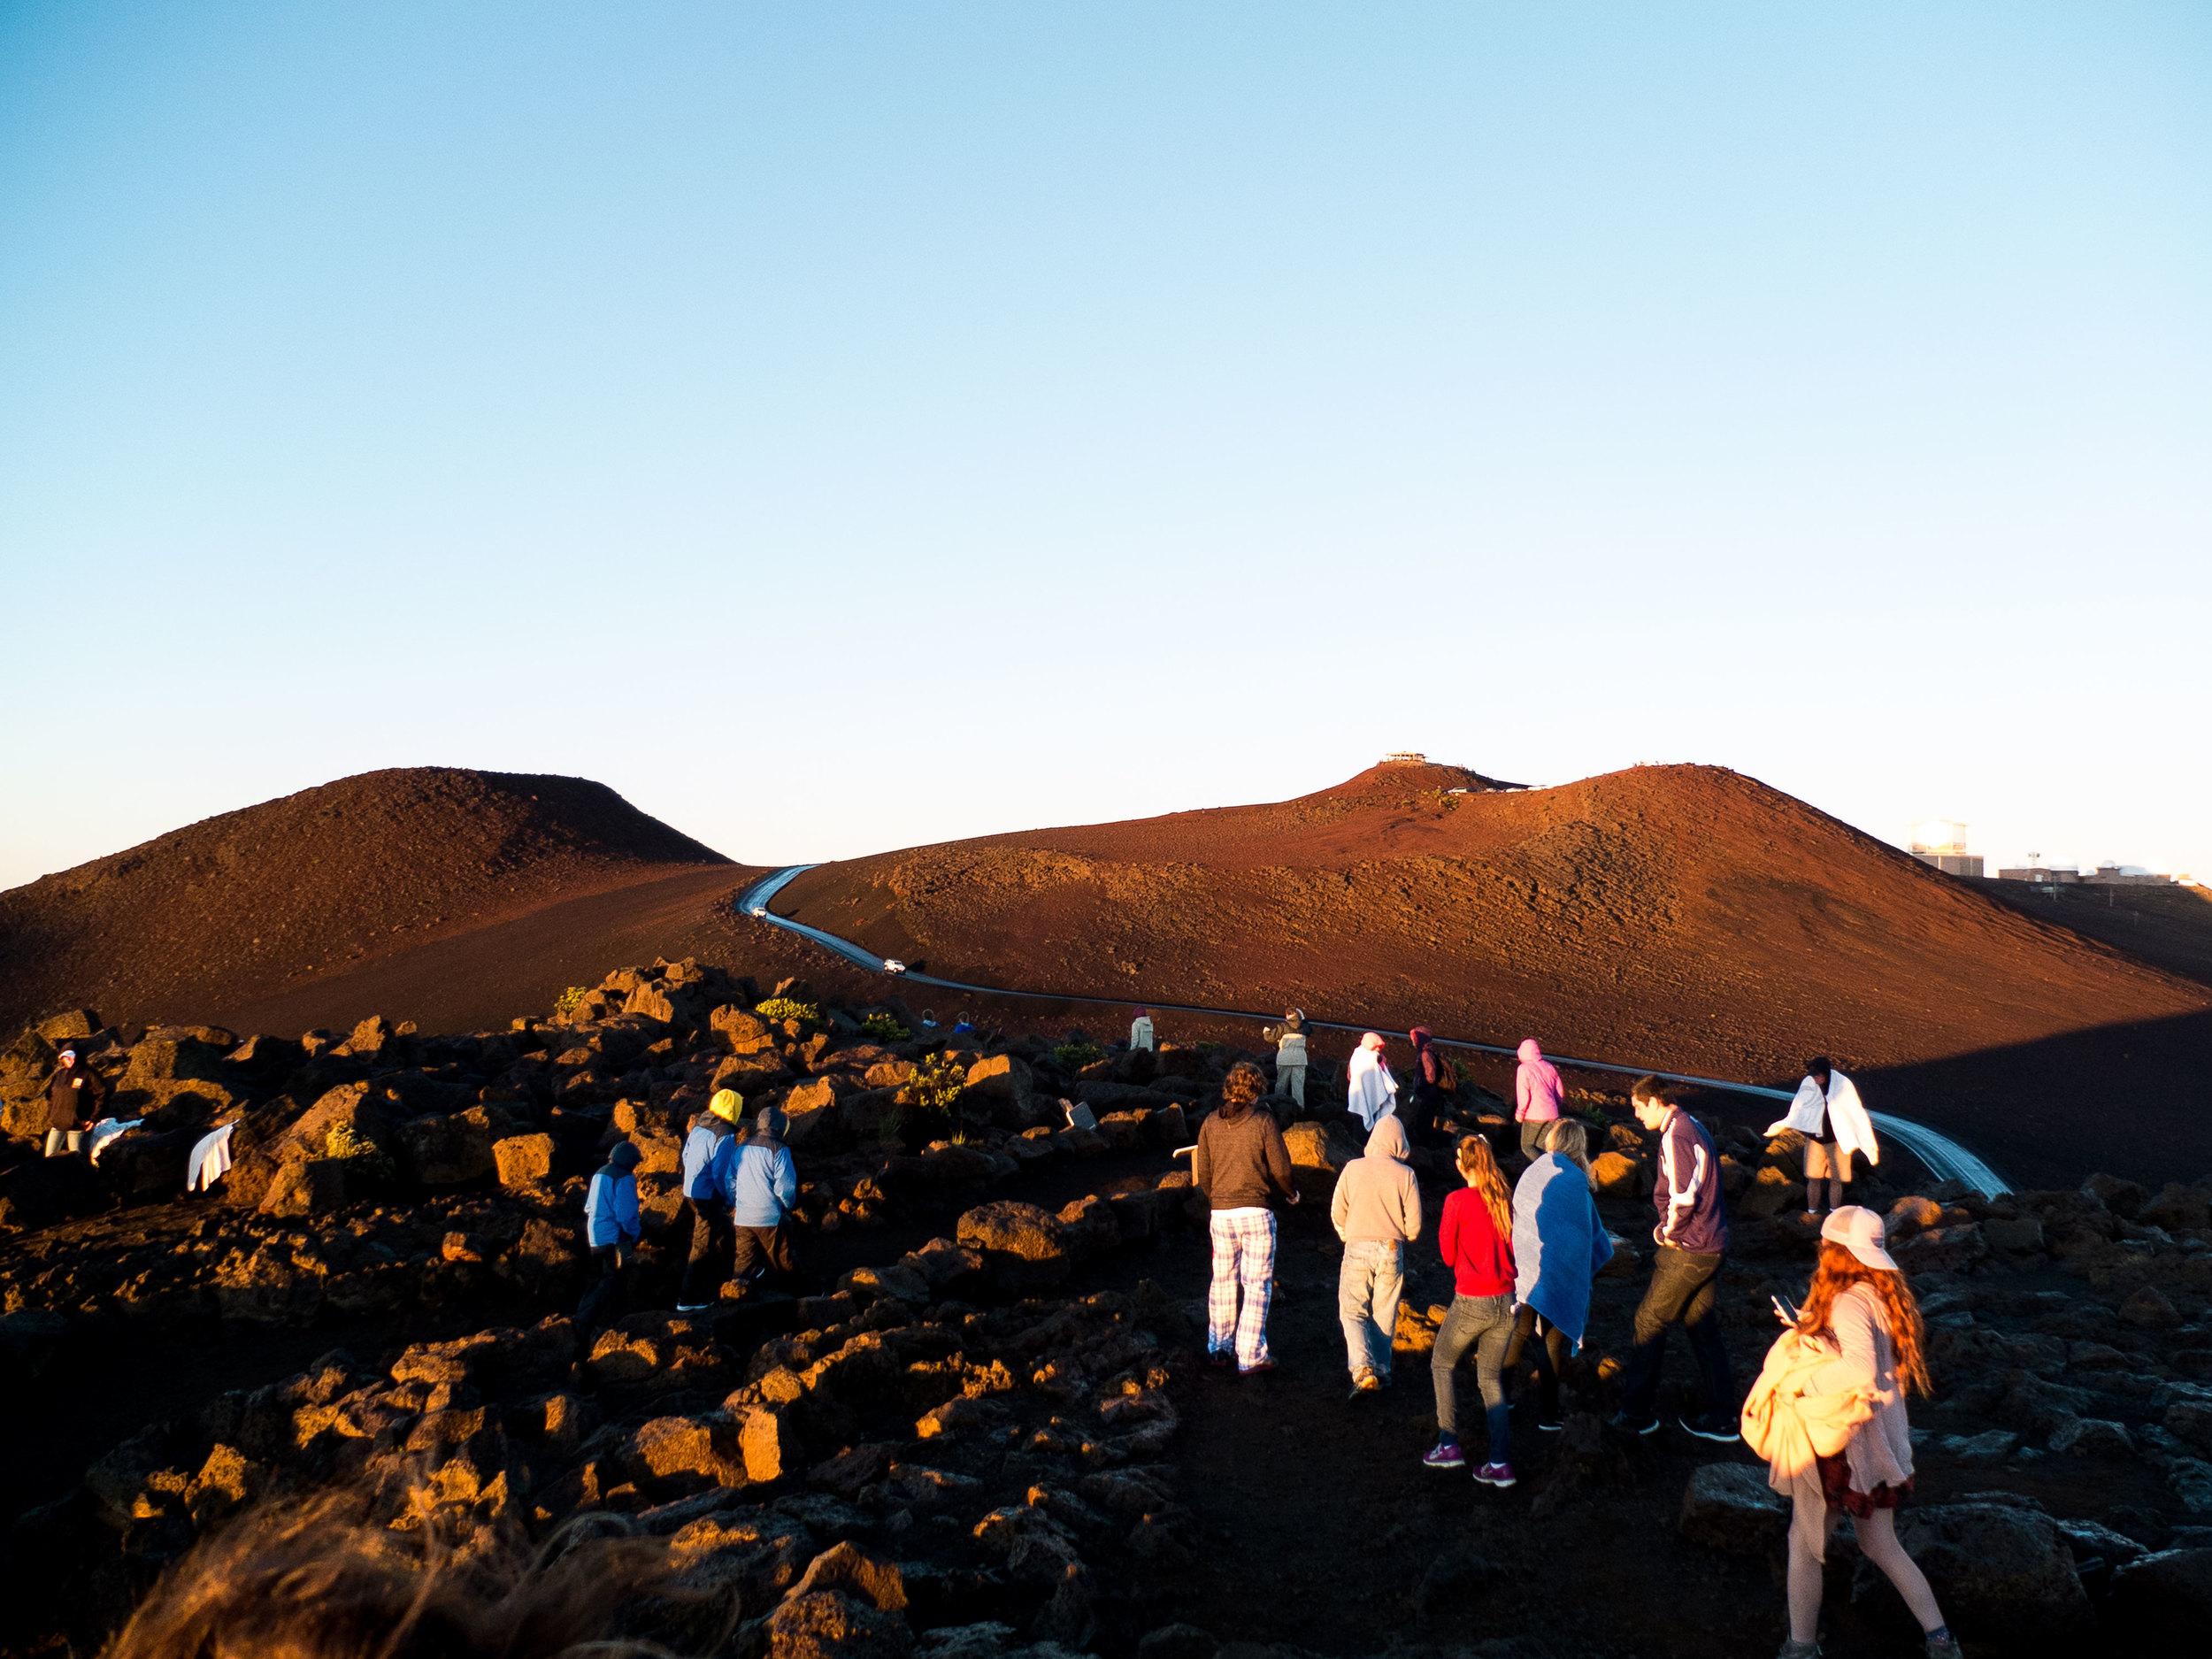 Lucky-We-Live-Hawaii-Haleakala-Sunrise-Maui